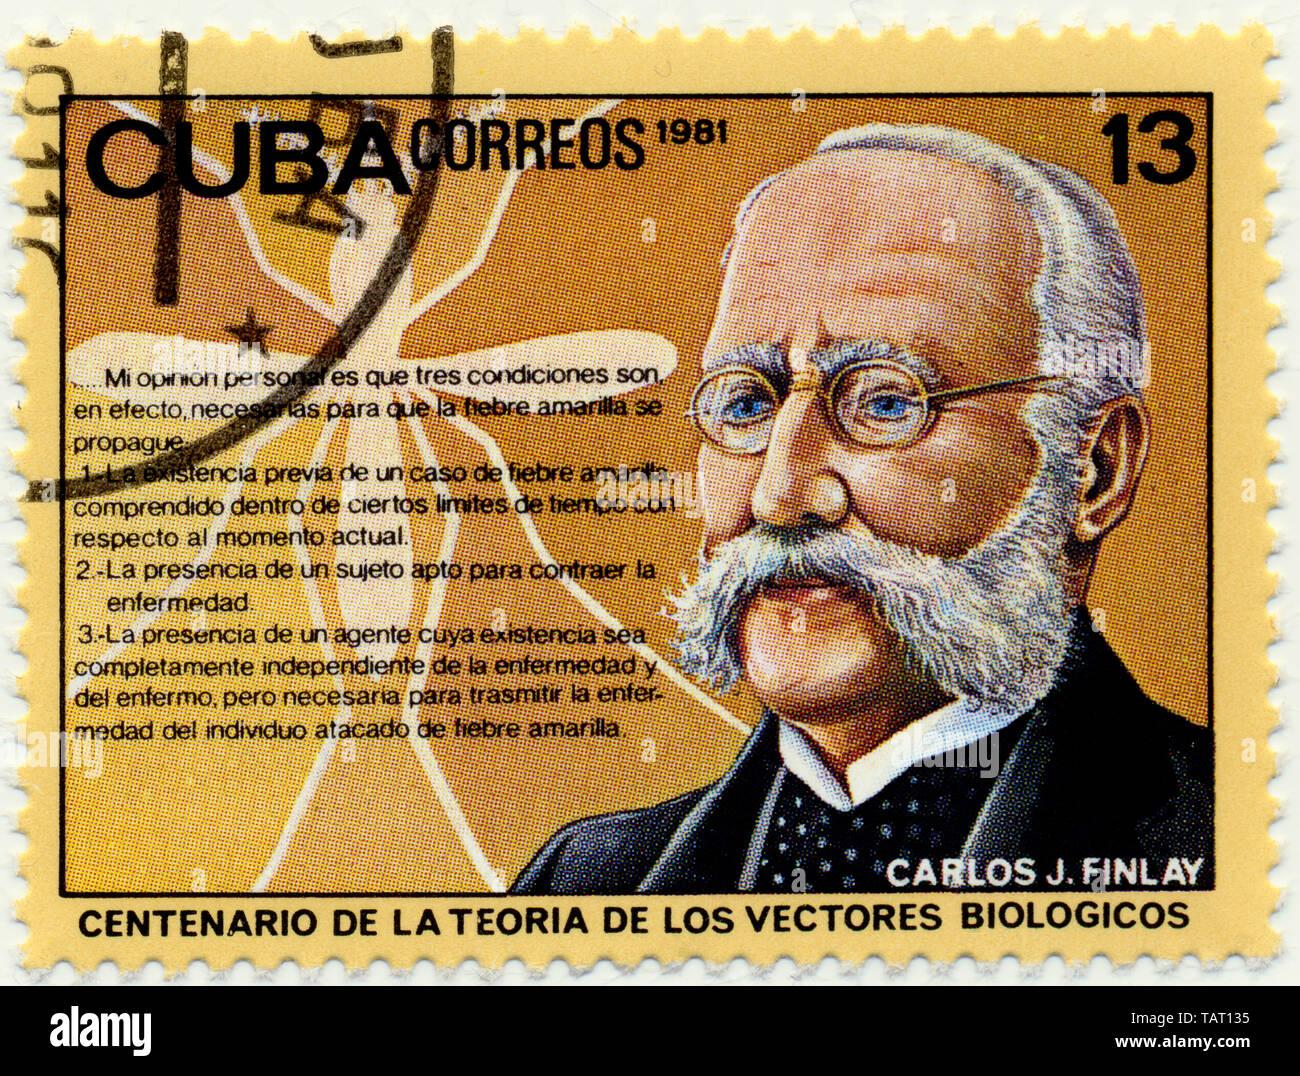 Historic postage stamps from Cuba, Historische Briefmarken, Carlos Juan Finlay de Barres, 1981, Kuba, Karibik Stock Photo